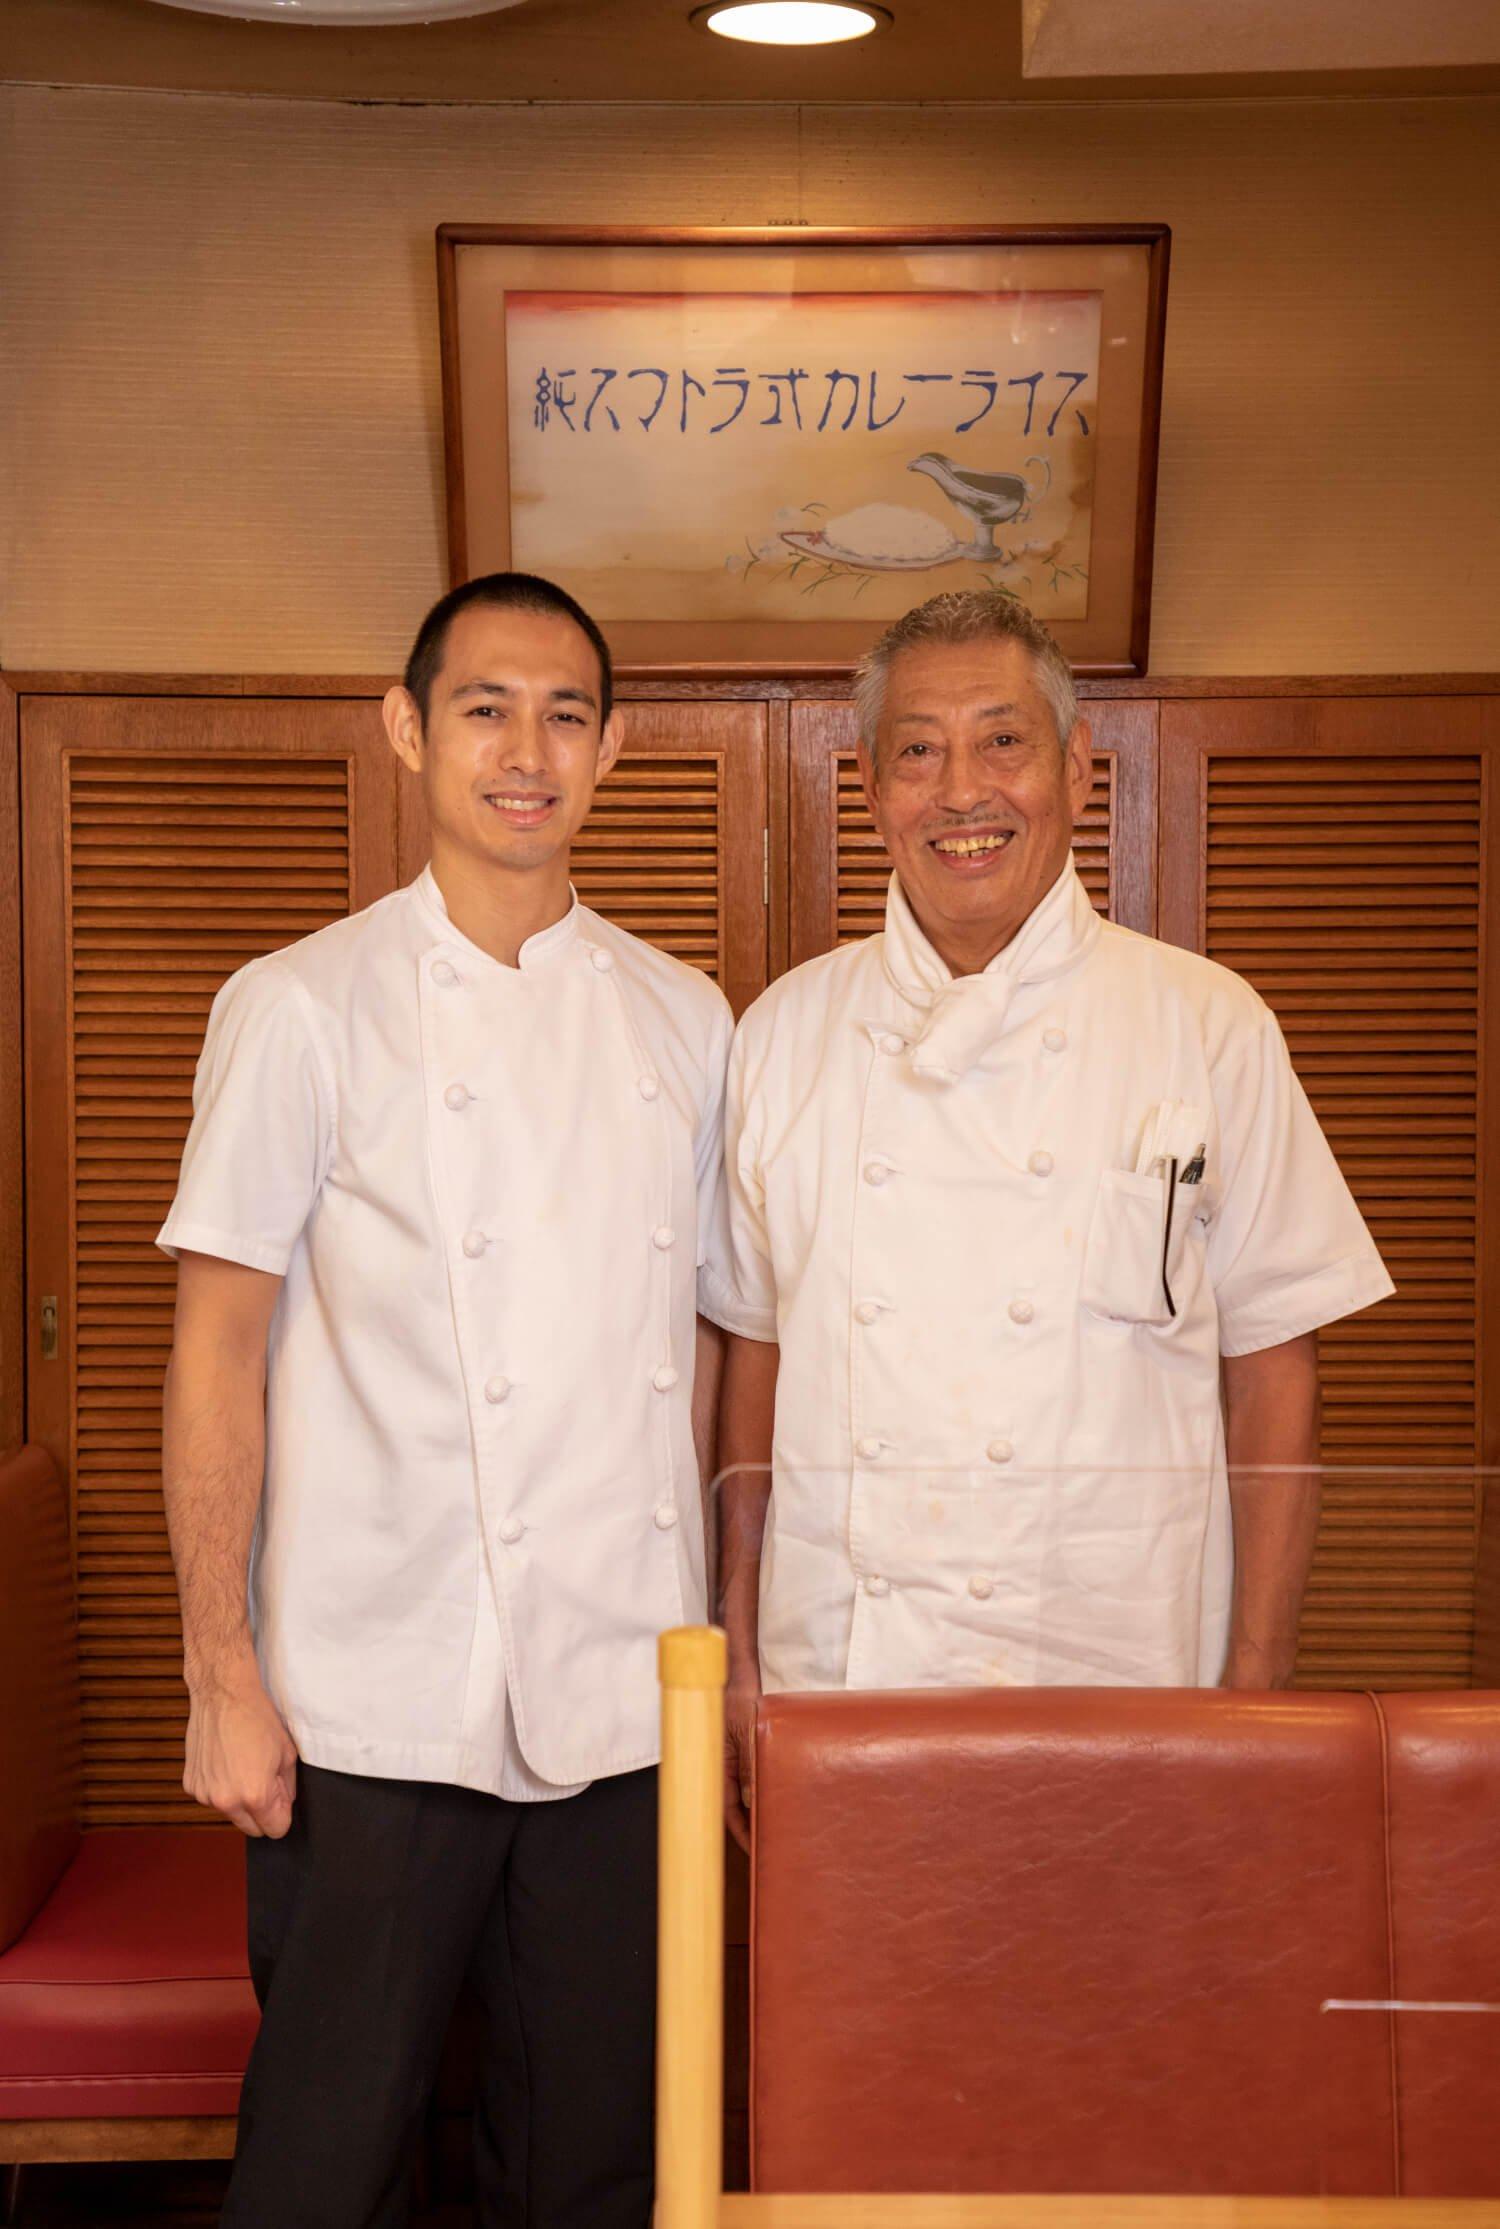 3代目の宮川泰久さんと、消防士から転職したという後継ぎの悠太さん。